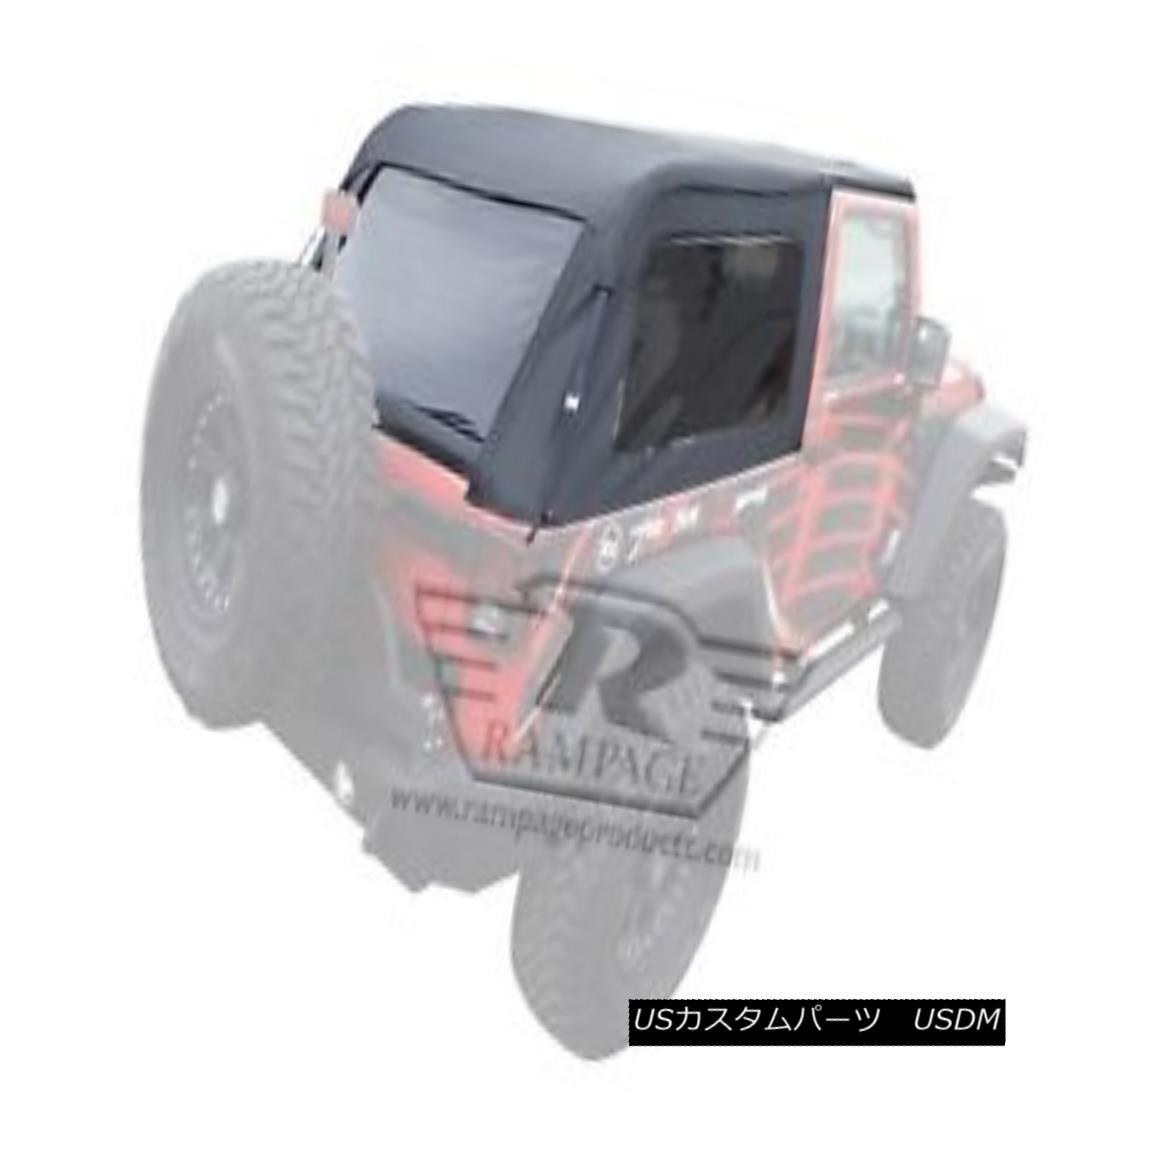 幌・ソフトトップ Rampage 109935 Frameless Soft Top Kit Sailcloth Fits 07-18 Wrangler (JK) ランペイジ109935フレームレスソフトトップキット07-18ラングラー(JK)